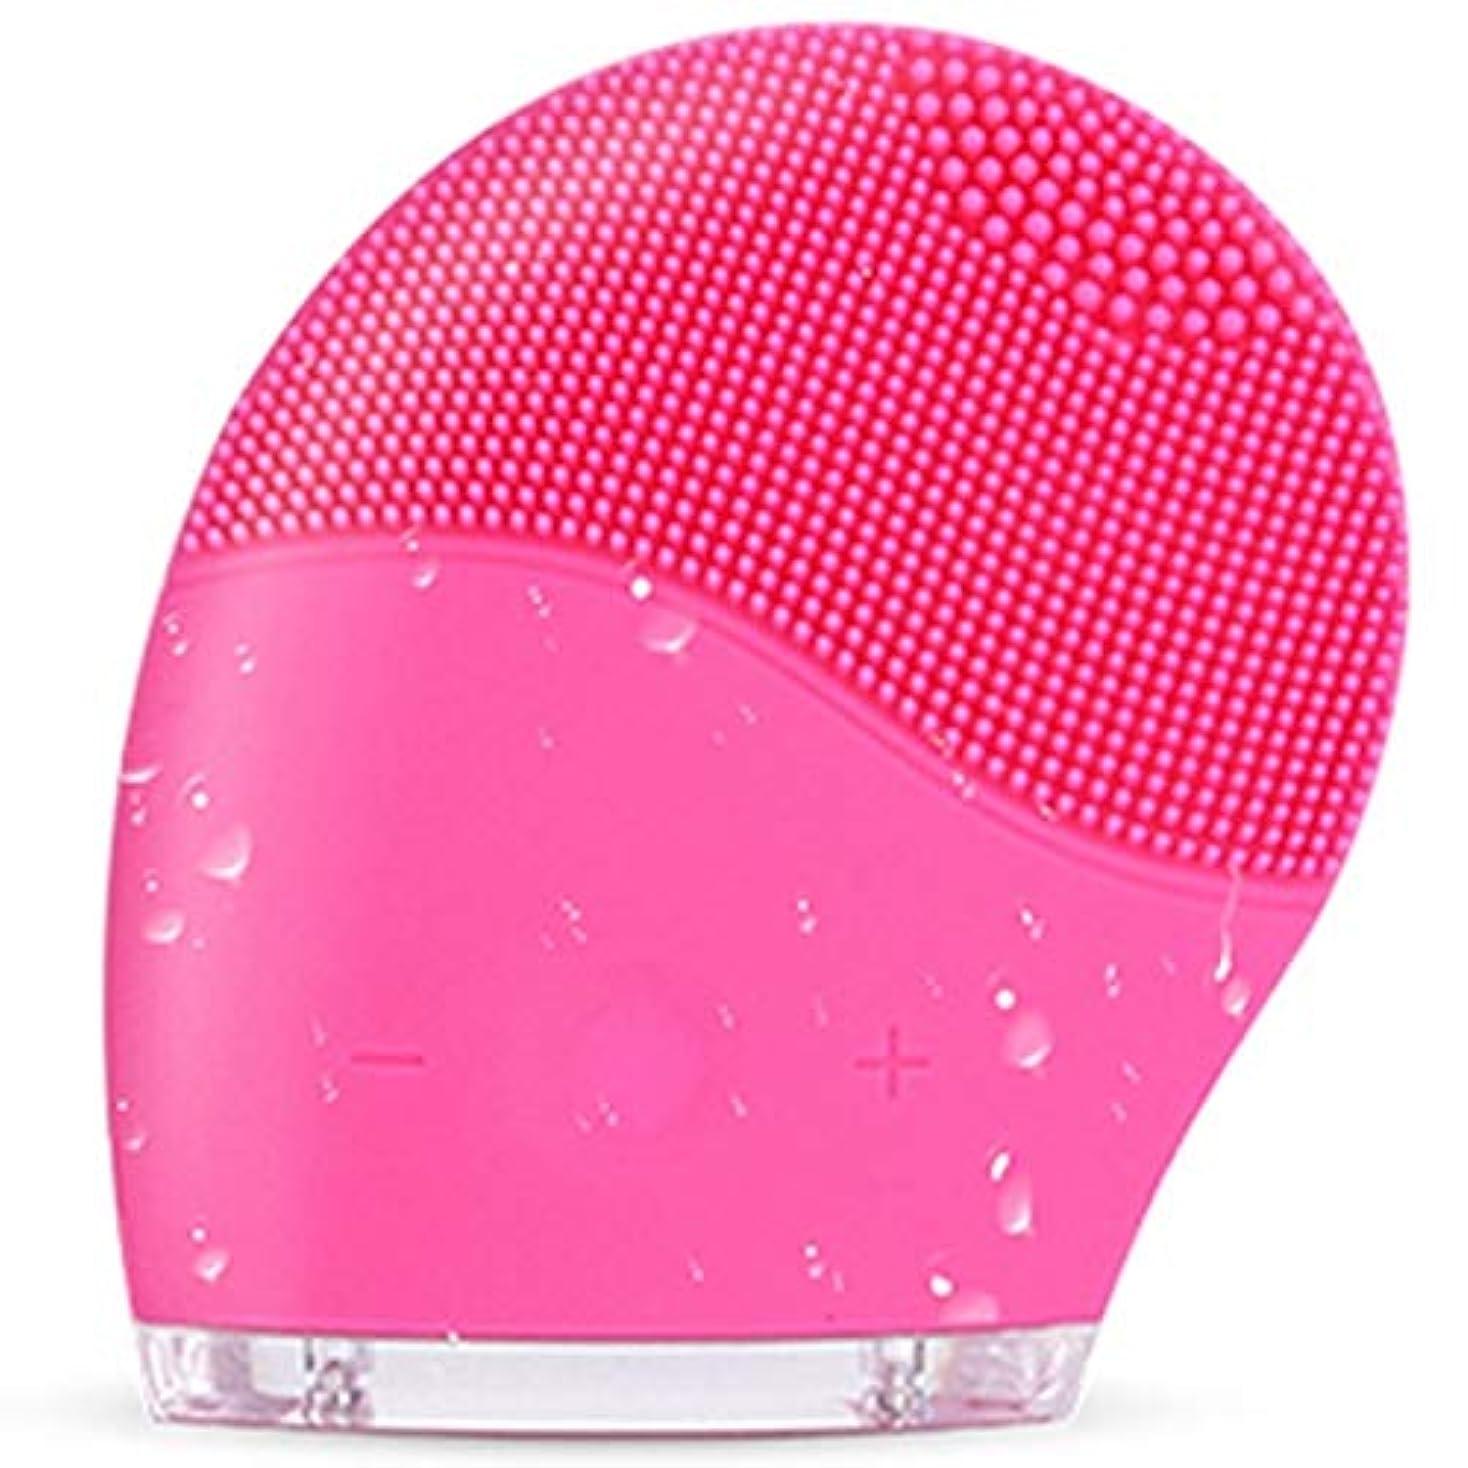 スナック未接続ブースすべての肌タイプのディープクレンジング、スクラブ、およびにきびを減らすためのシリコンフェイスクレンジングブラシ、防水アンチエイジング超音波フェイシャルブラシ、ディープエクスフォリエーターメイクアップツール (Color...